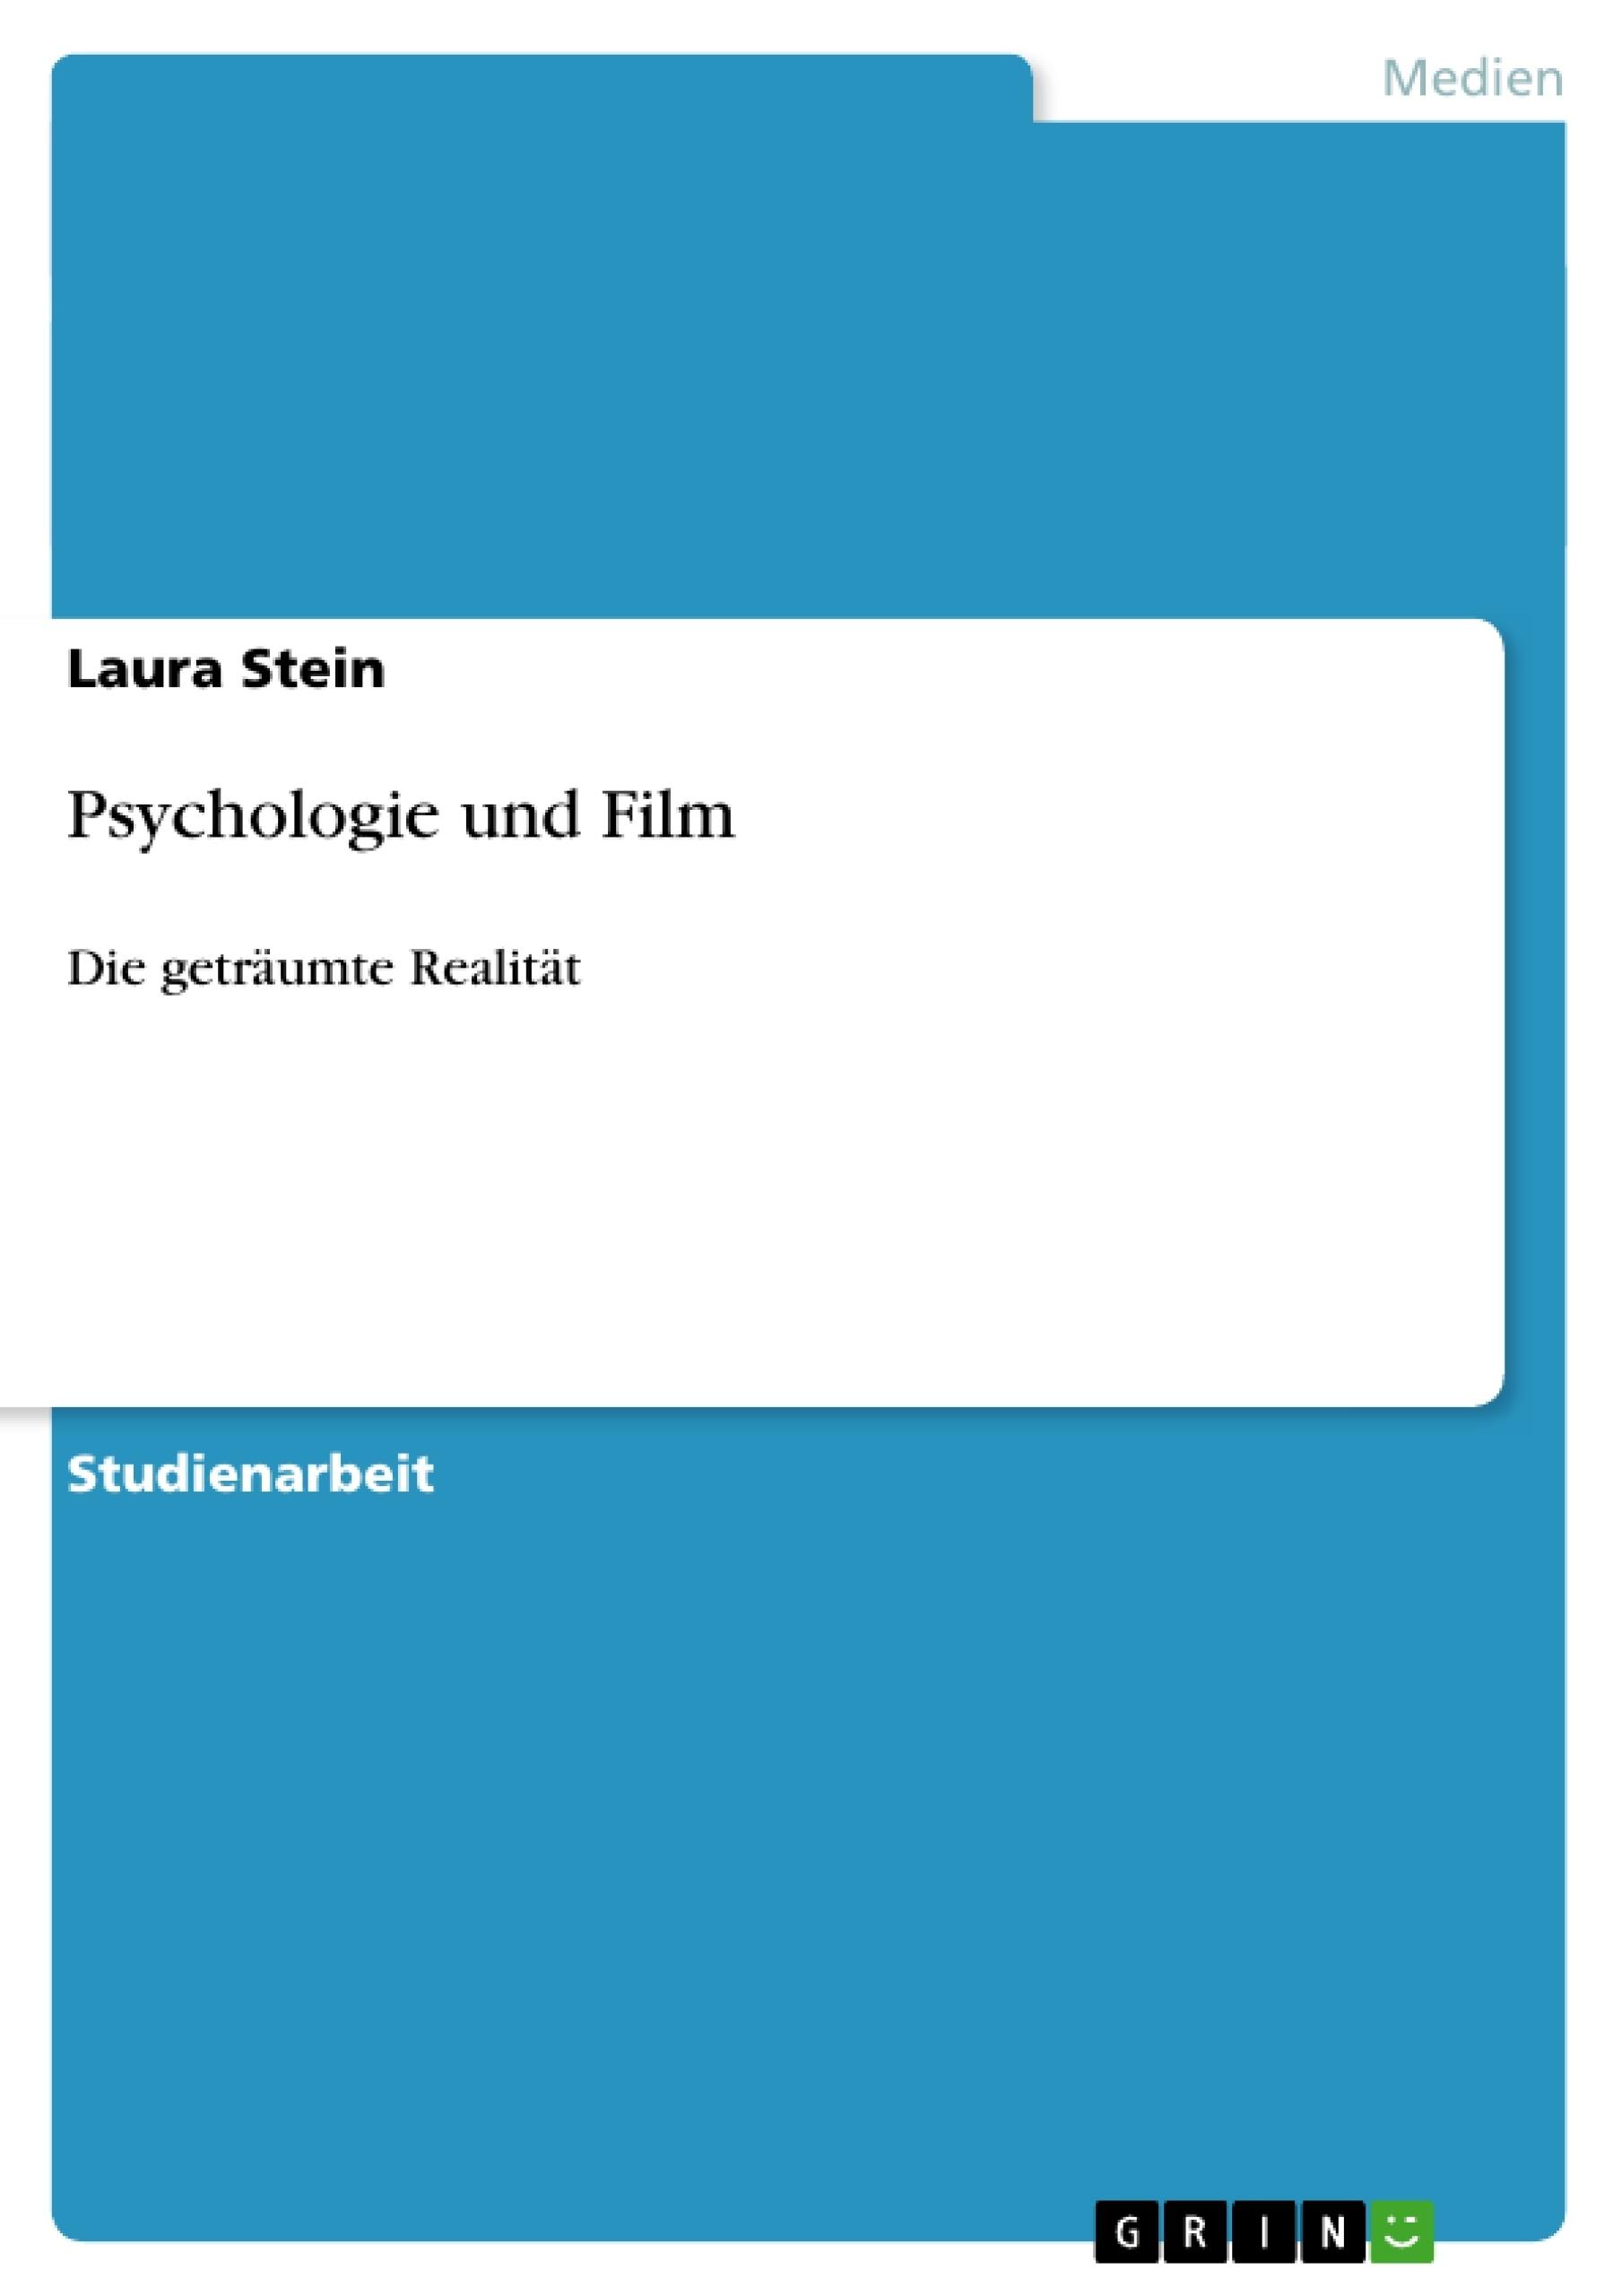 Titel: Psychologie und Film